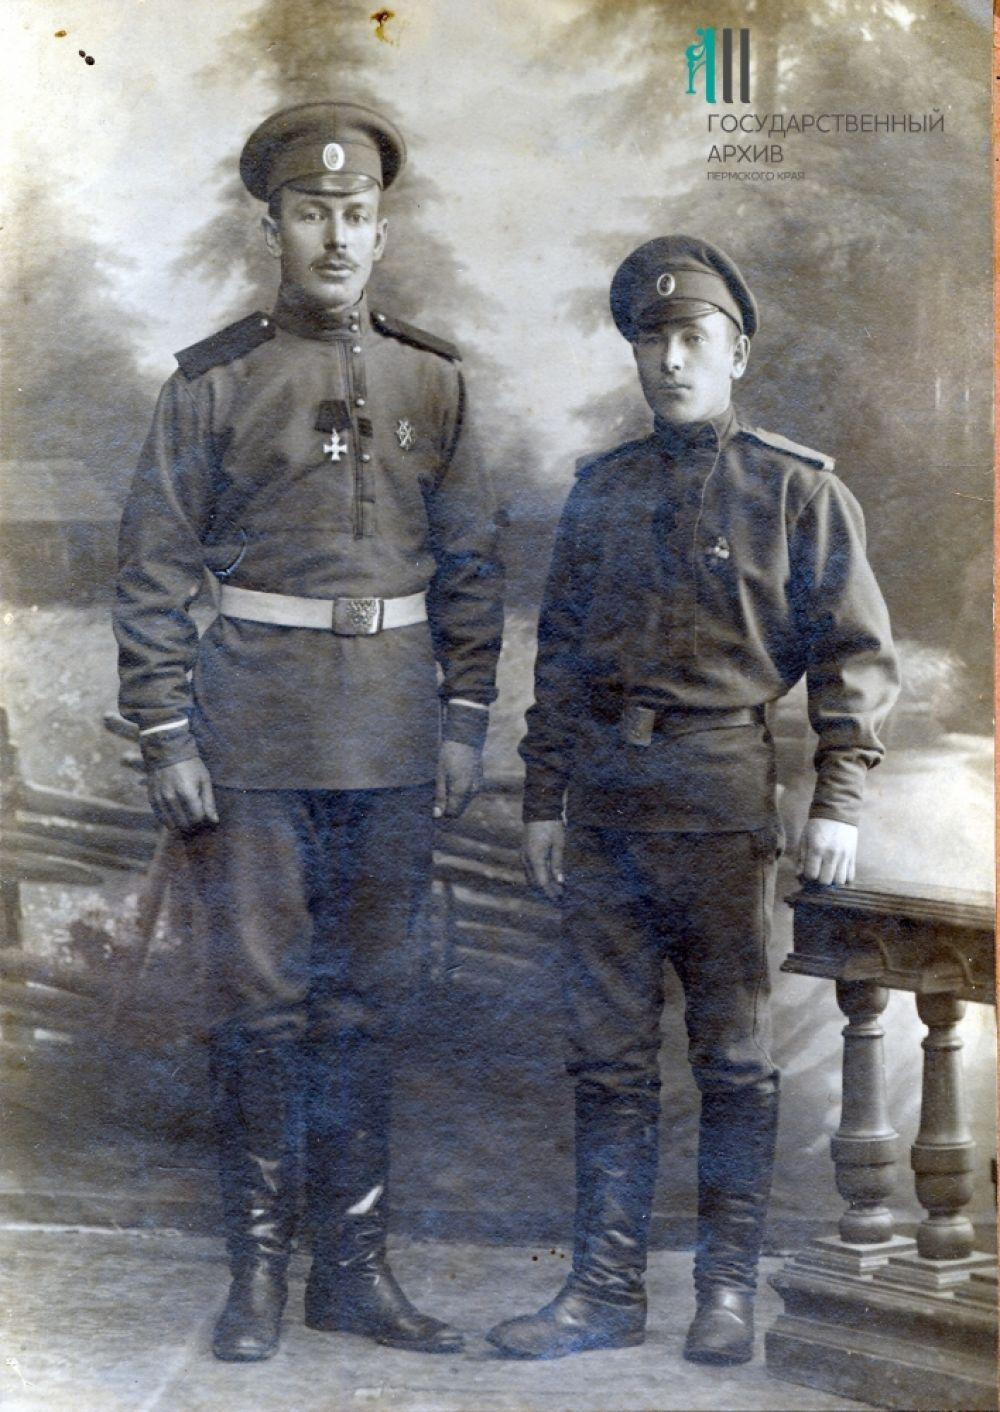 Будущий известный революционер и участник Гражданской войны на Урале Степан Окулов (справа) с однополчанином. На фронтах Первой мировой войны он был ранен, награждён Георгиевским крестом.